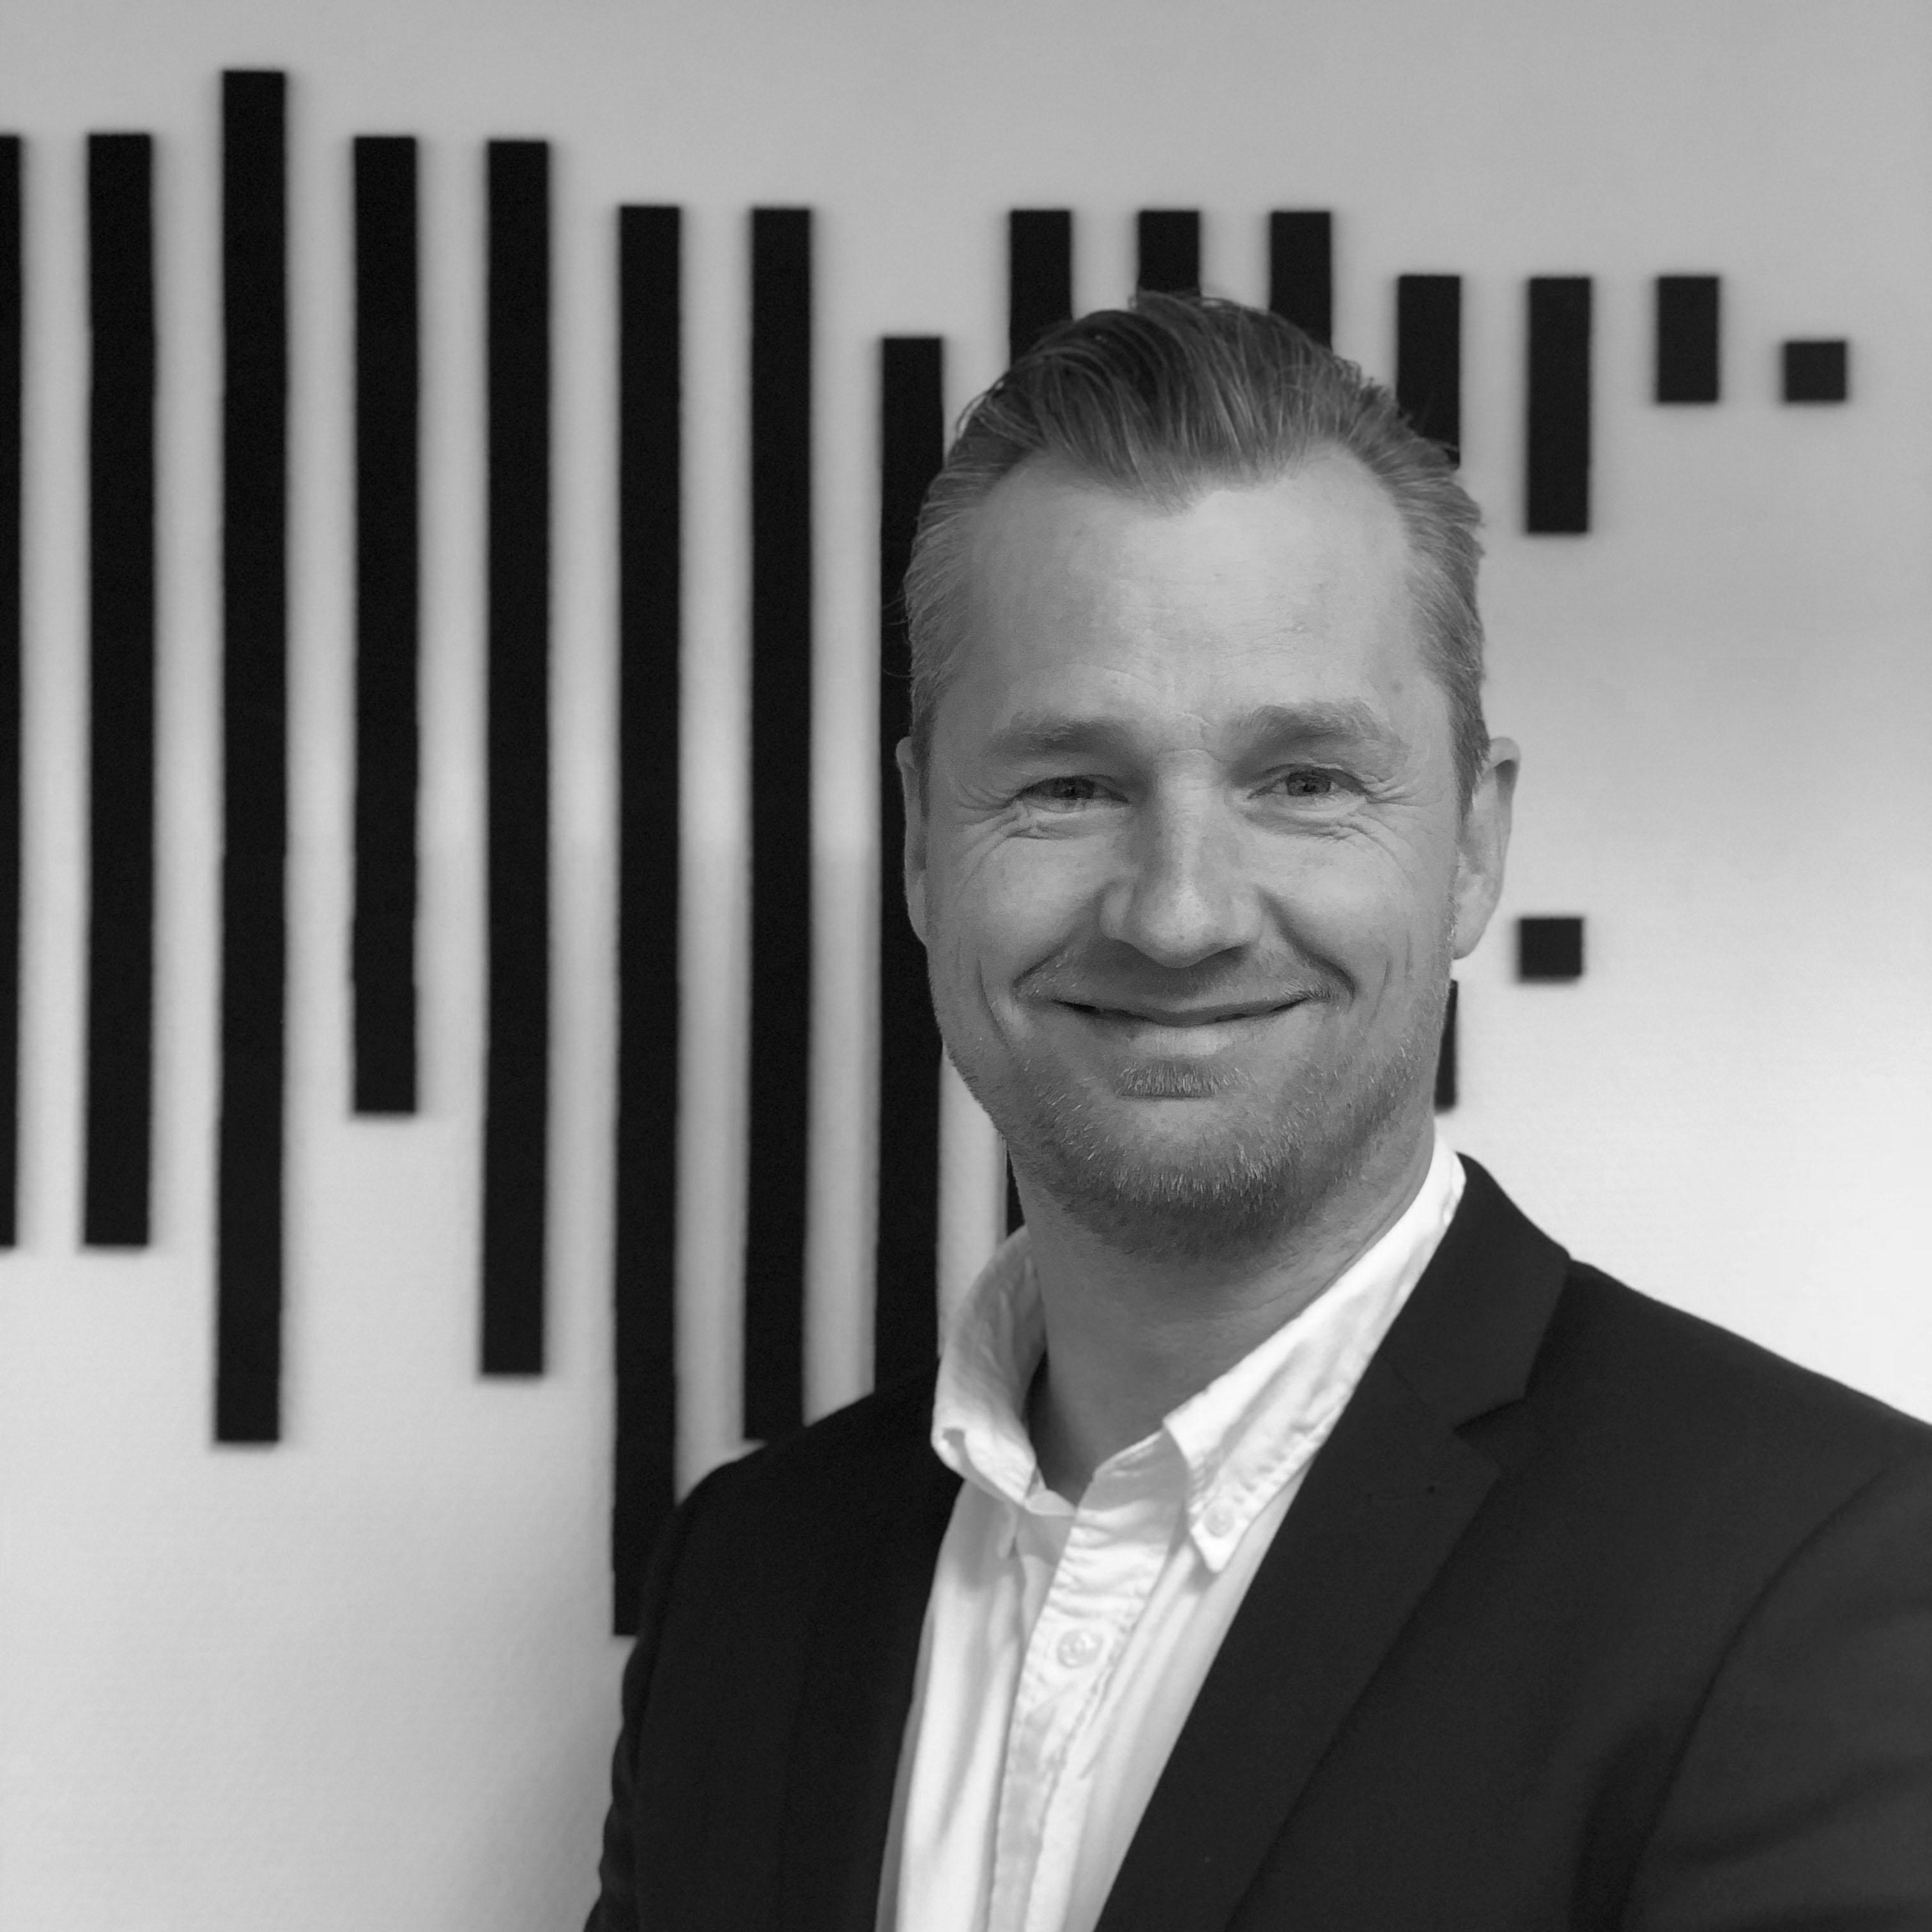 Søren Rasmussen - Ansat som CEO / CTO hos Nordhavn A/S